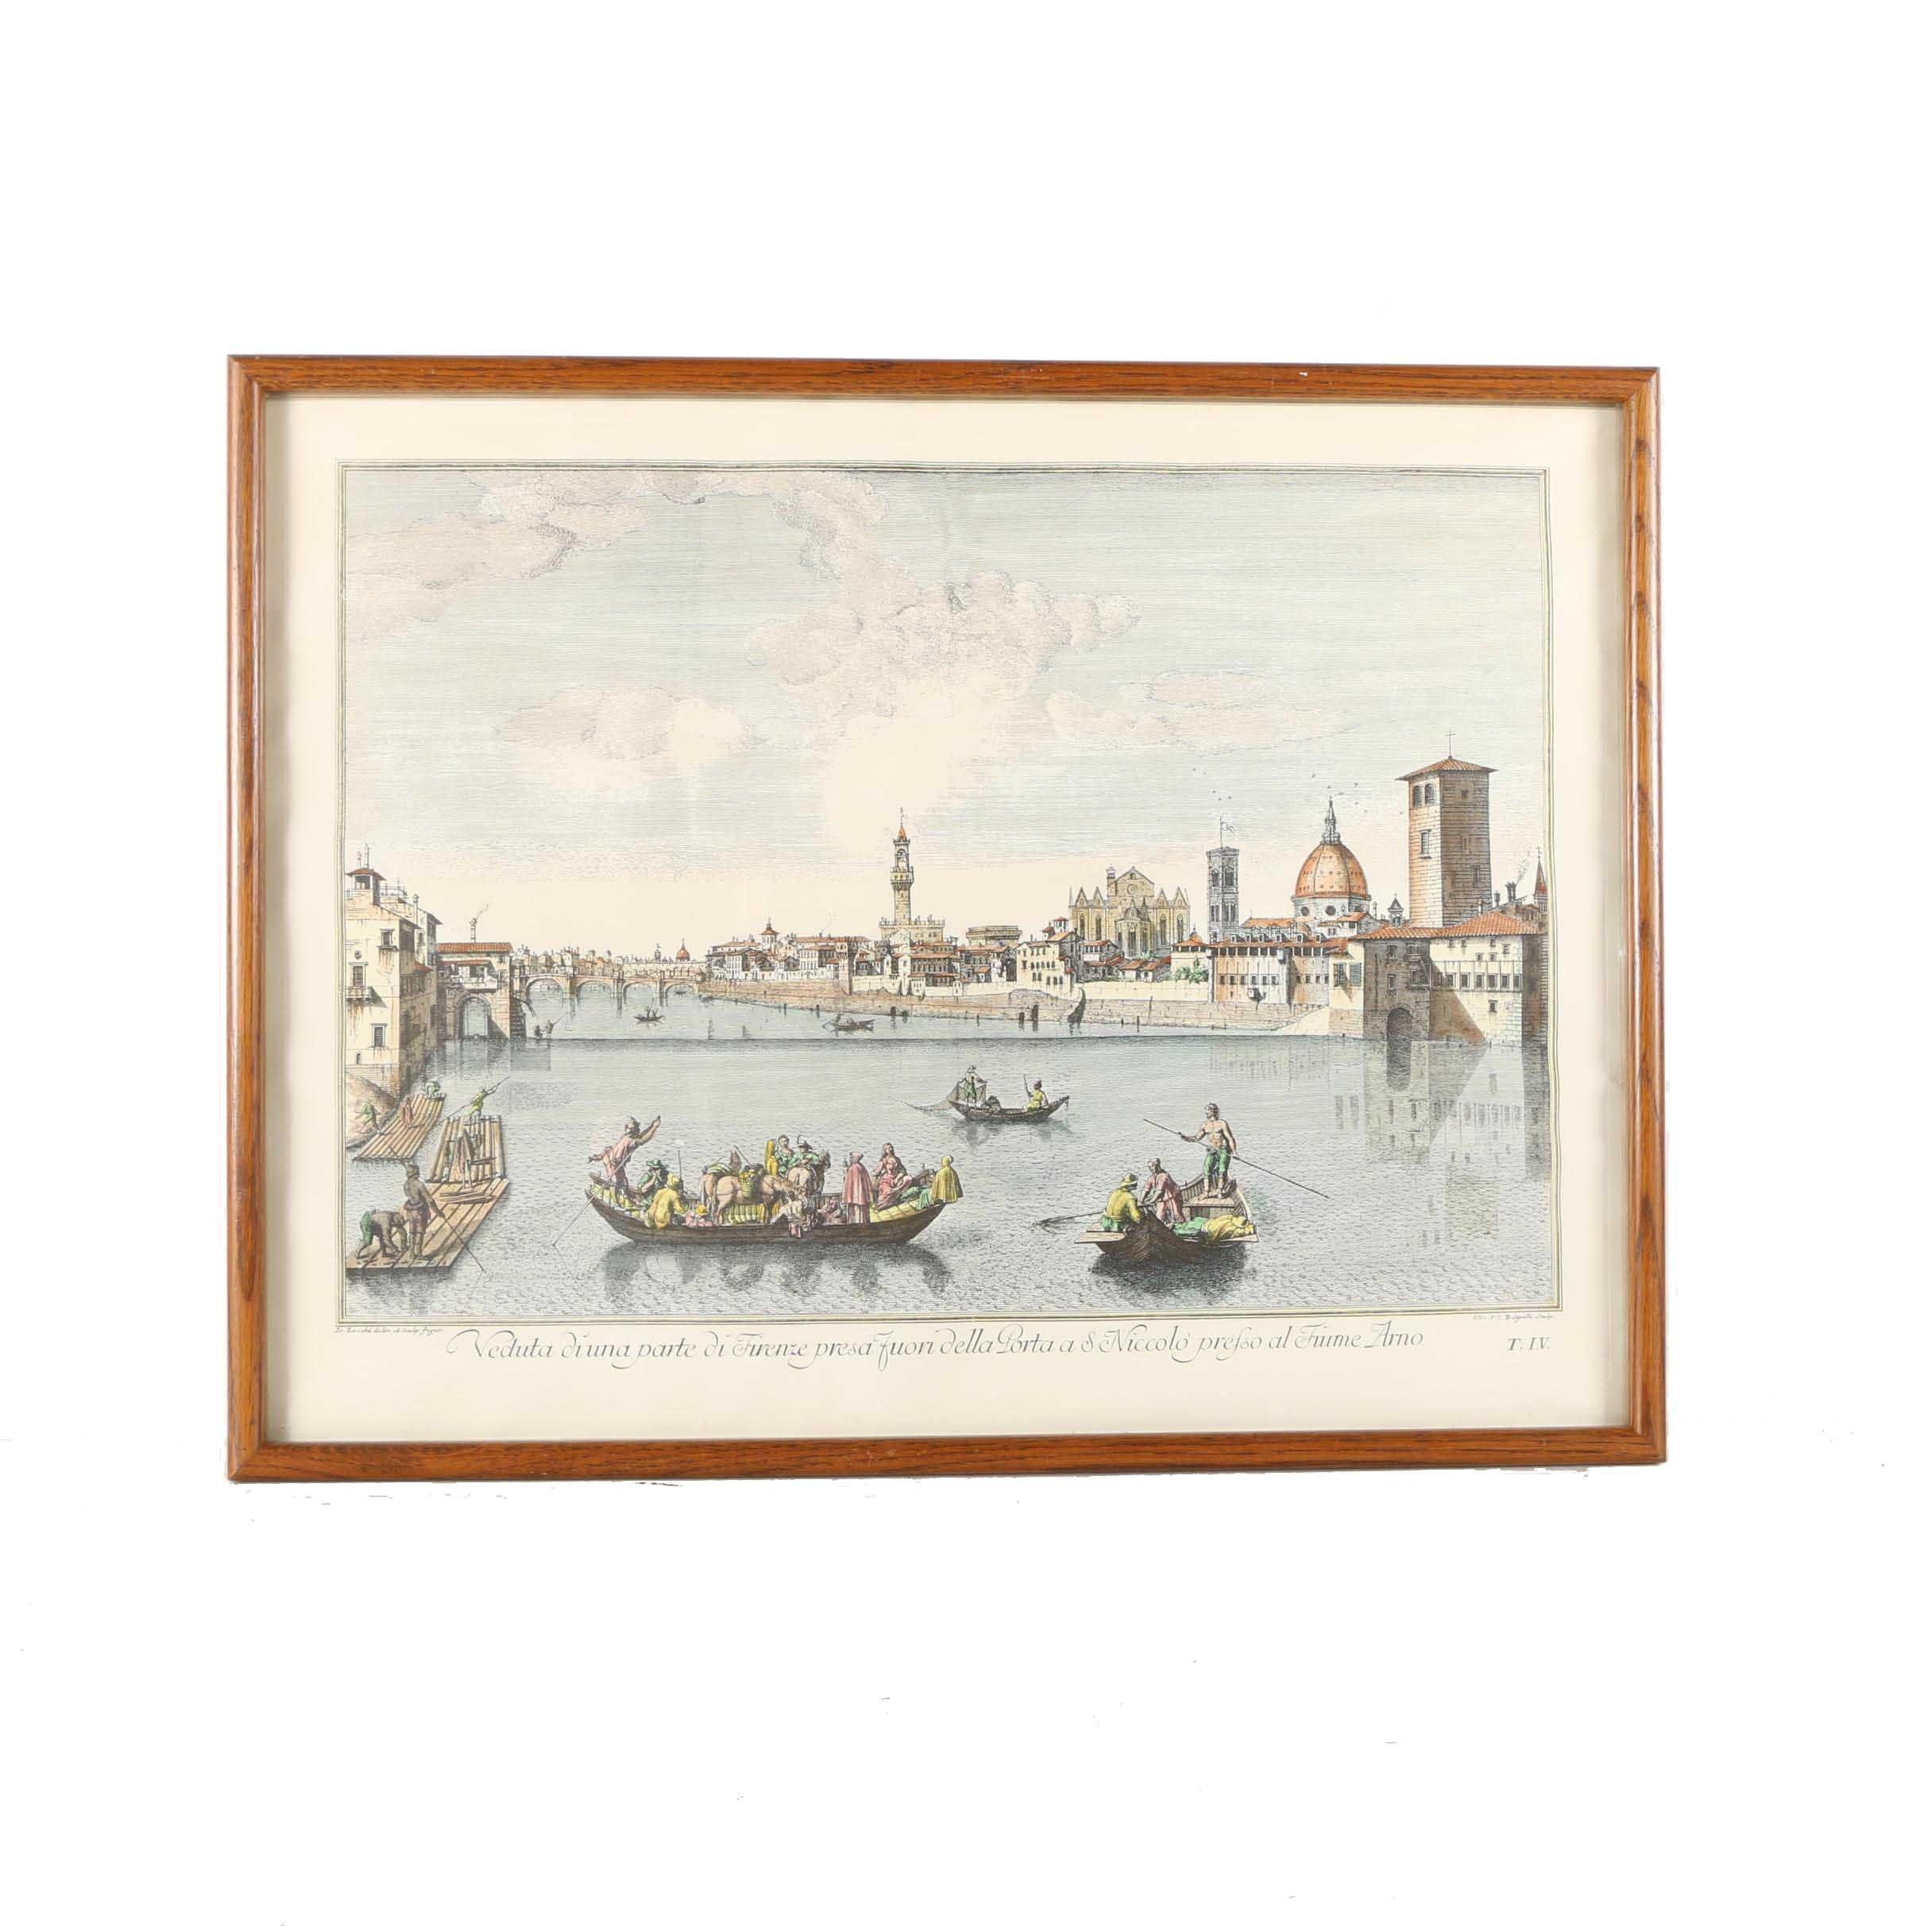 """Hand Colored Restrike Etching on Paper Titled """"Veduta di una parte di Firenze"""""""